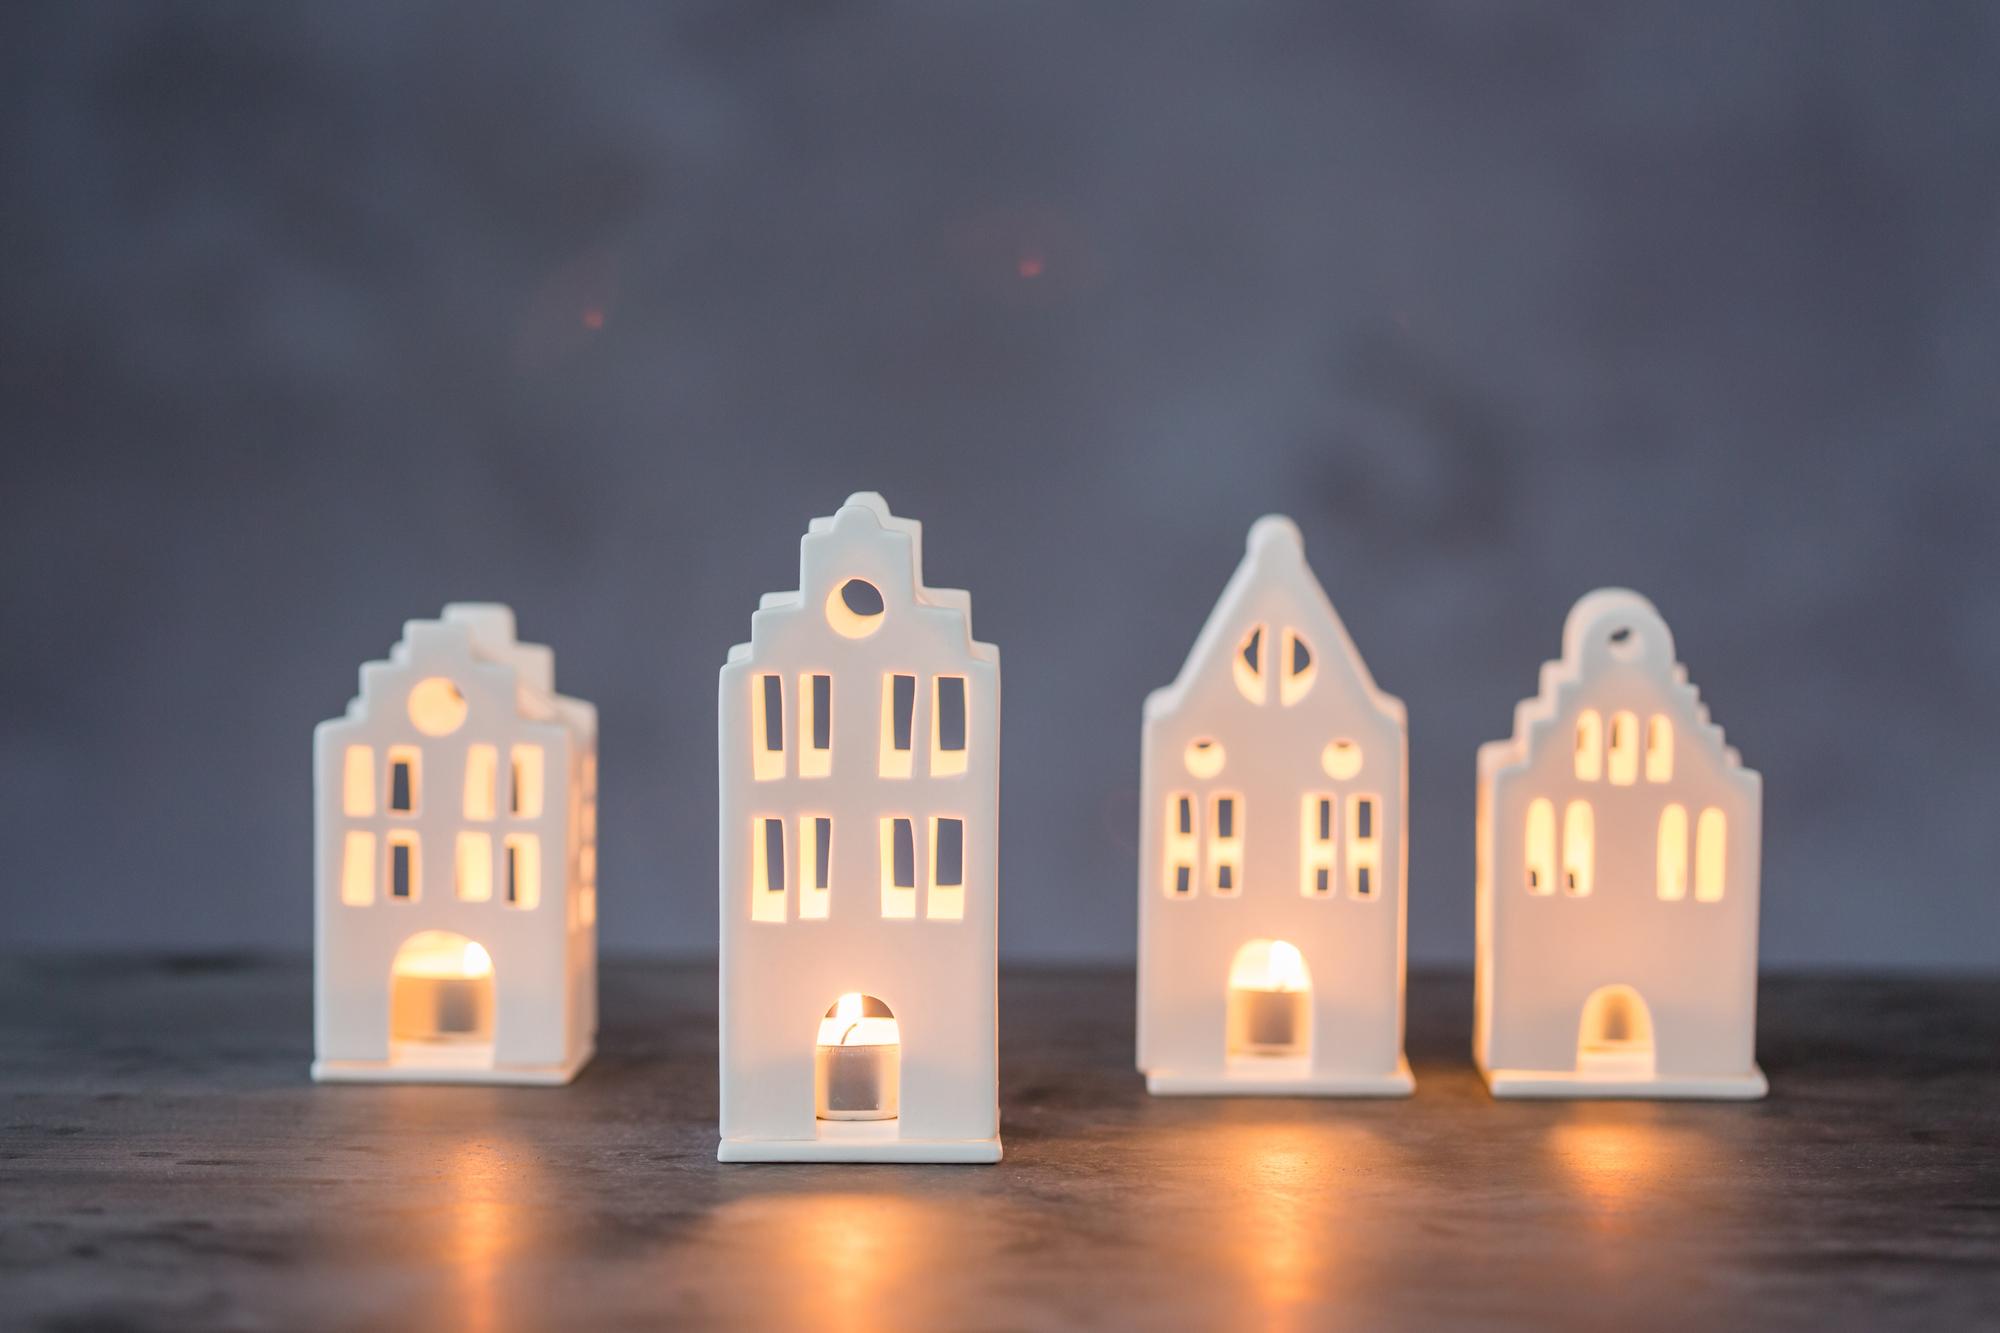 Zuhause Mini Lichthaus Herrenhaus Räder